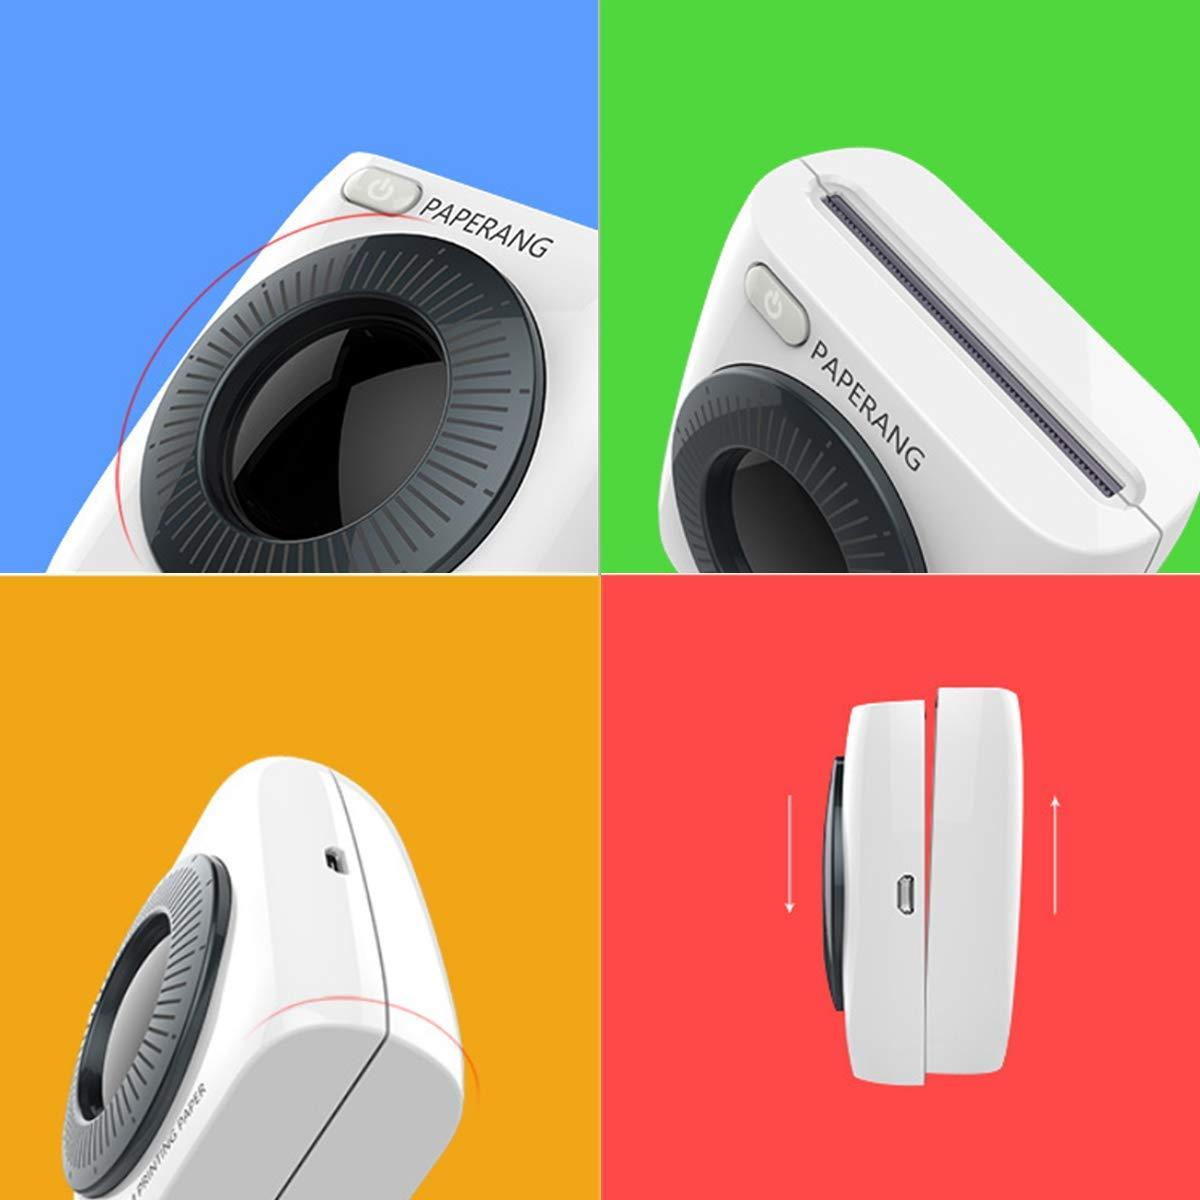 Amazon.com: PAPERANG P2 impresora térmica HD 300dpi bolsillo ...